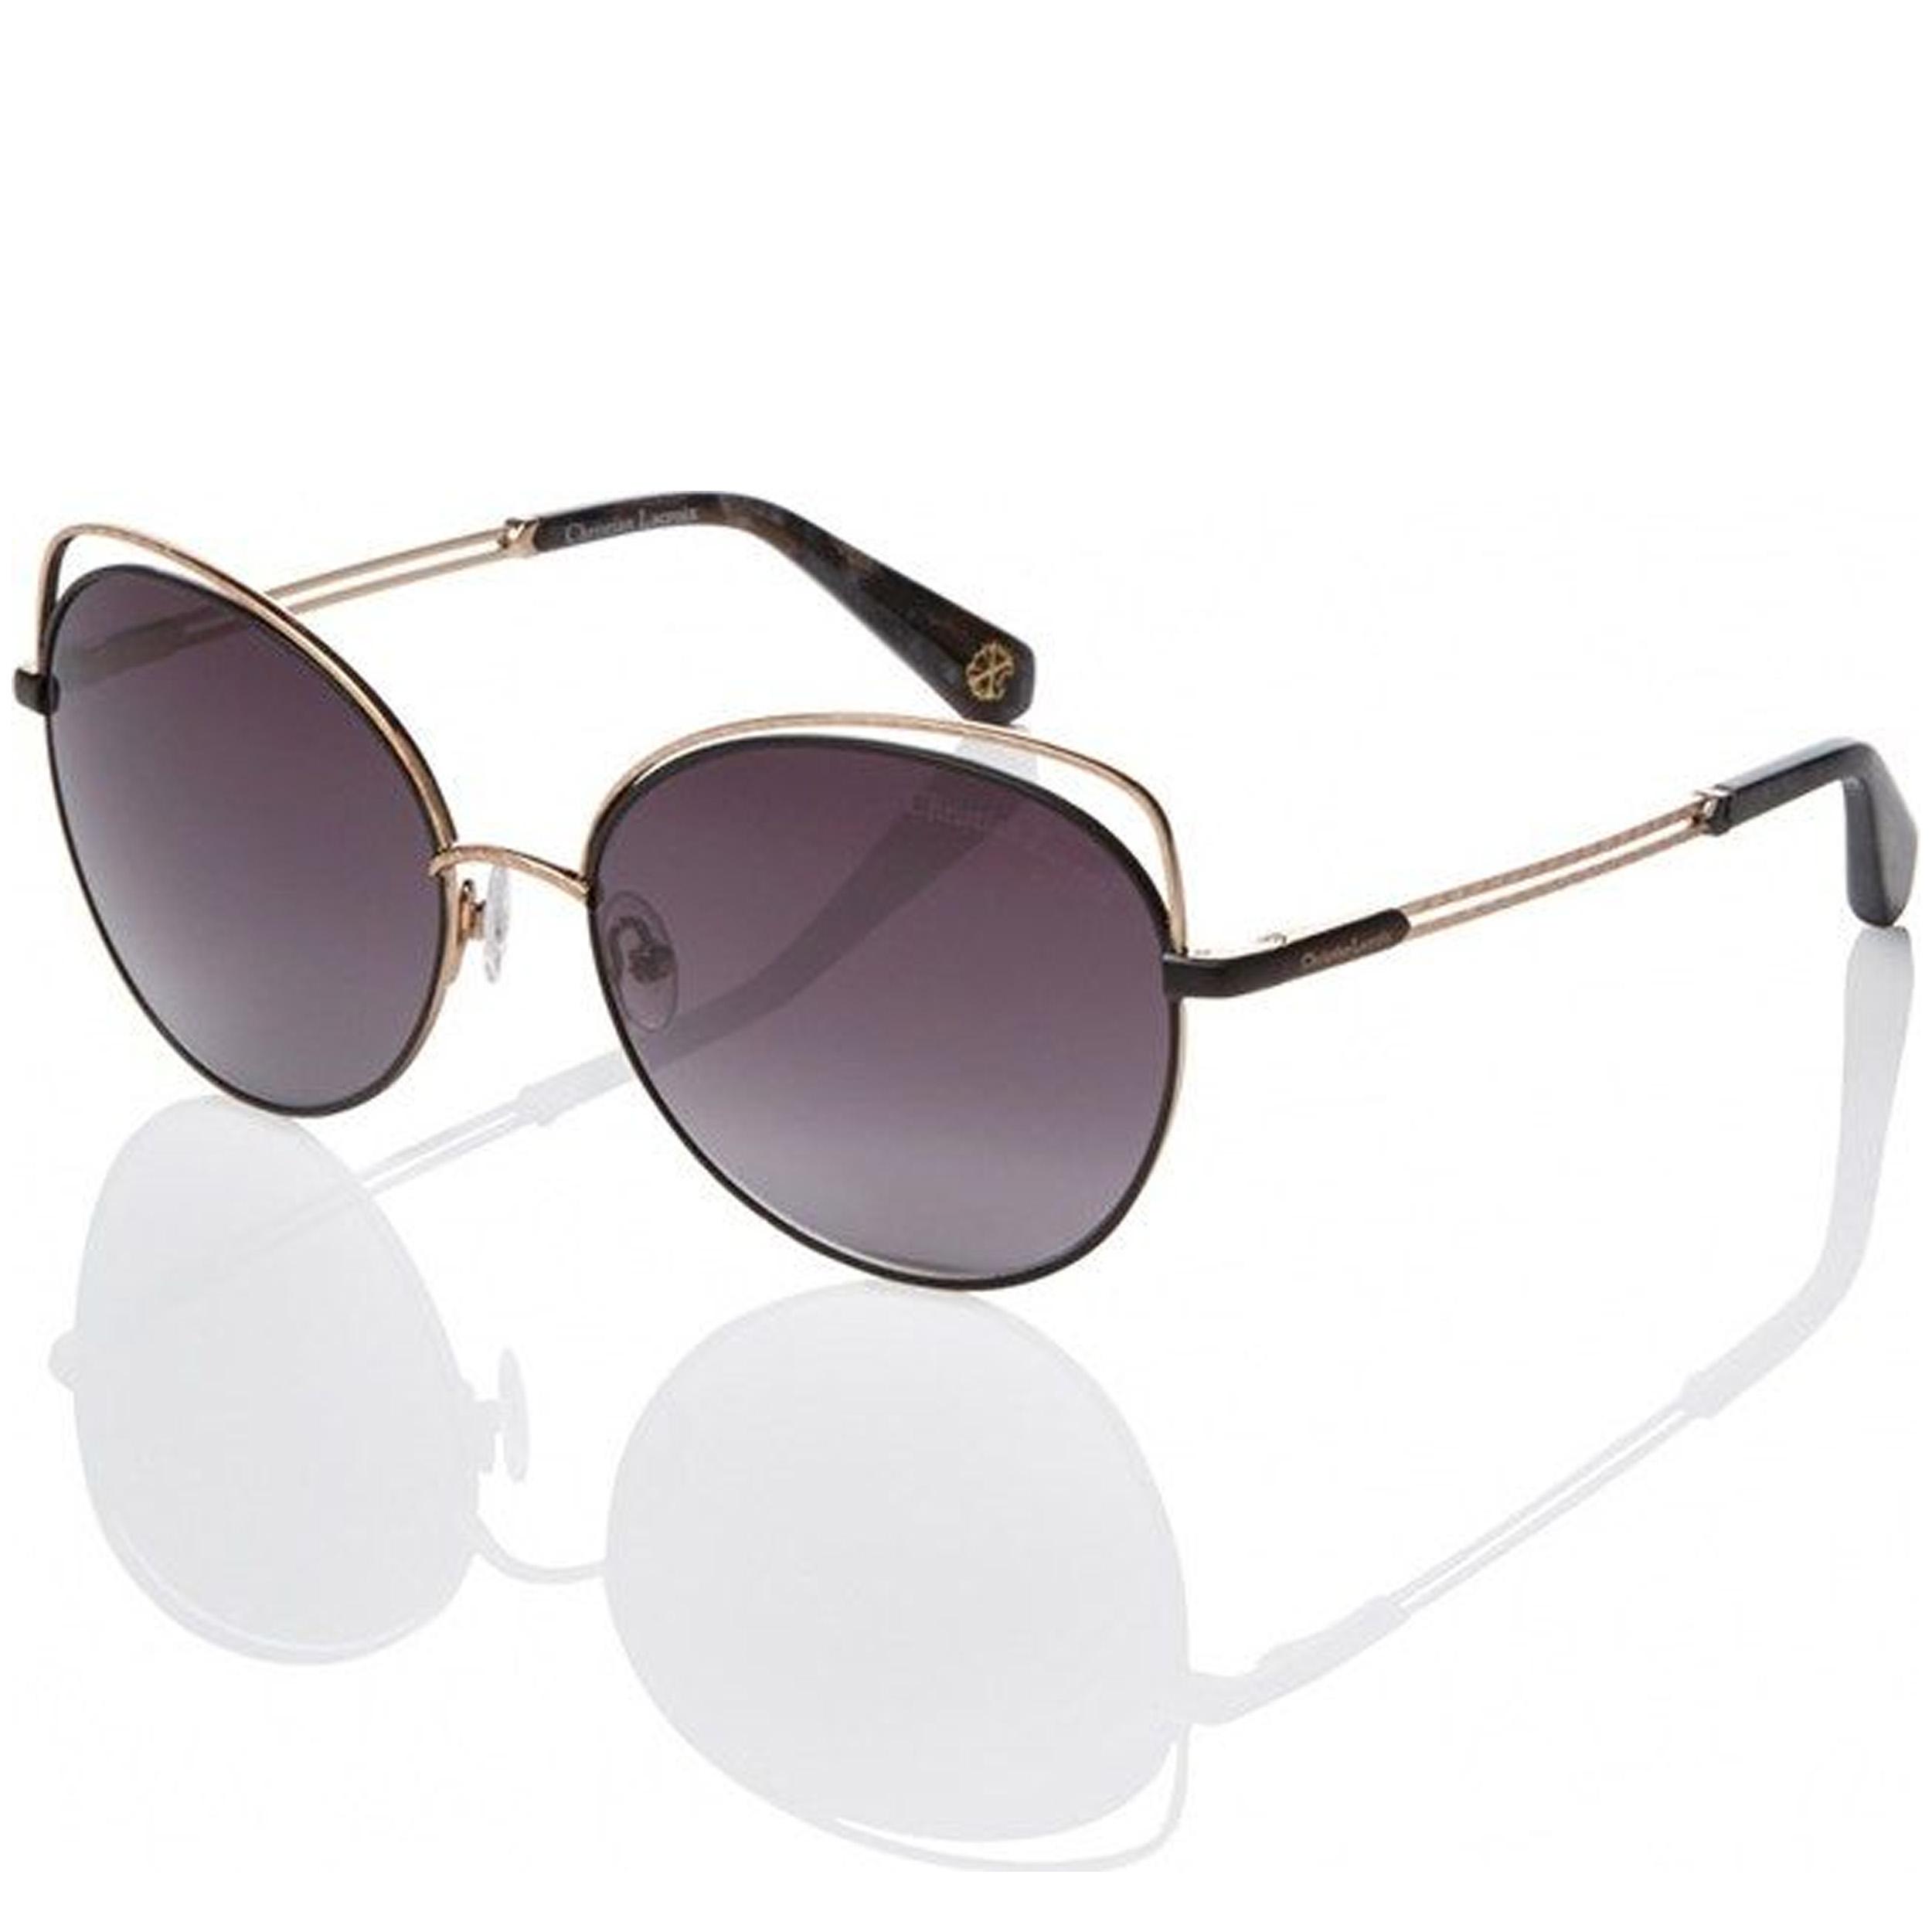 عینک آفتابی زنانه کریستین لاکروآ مدل CL 9018 OO2 -  - 2